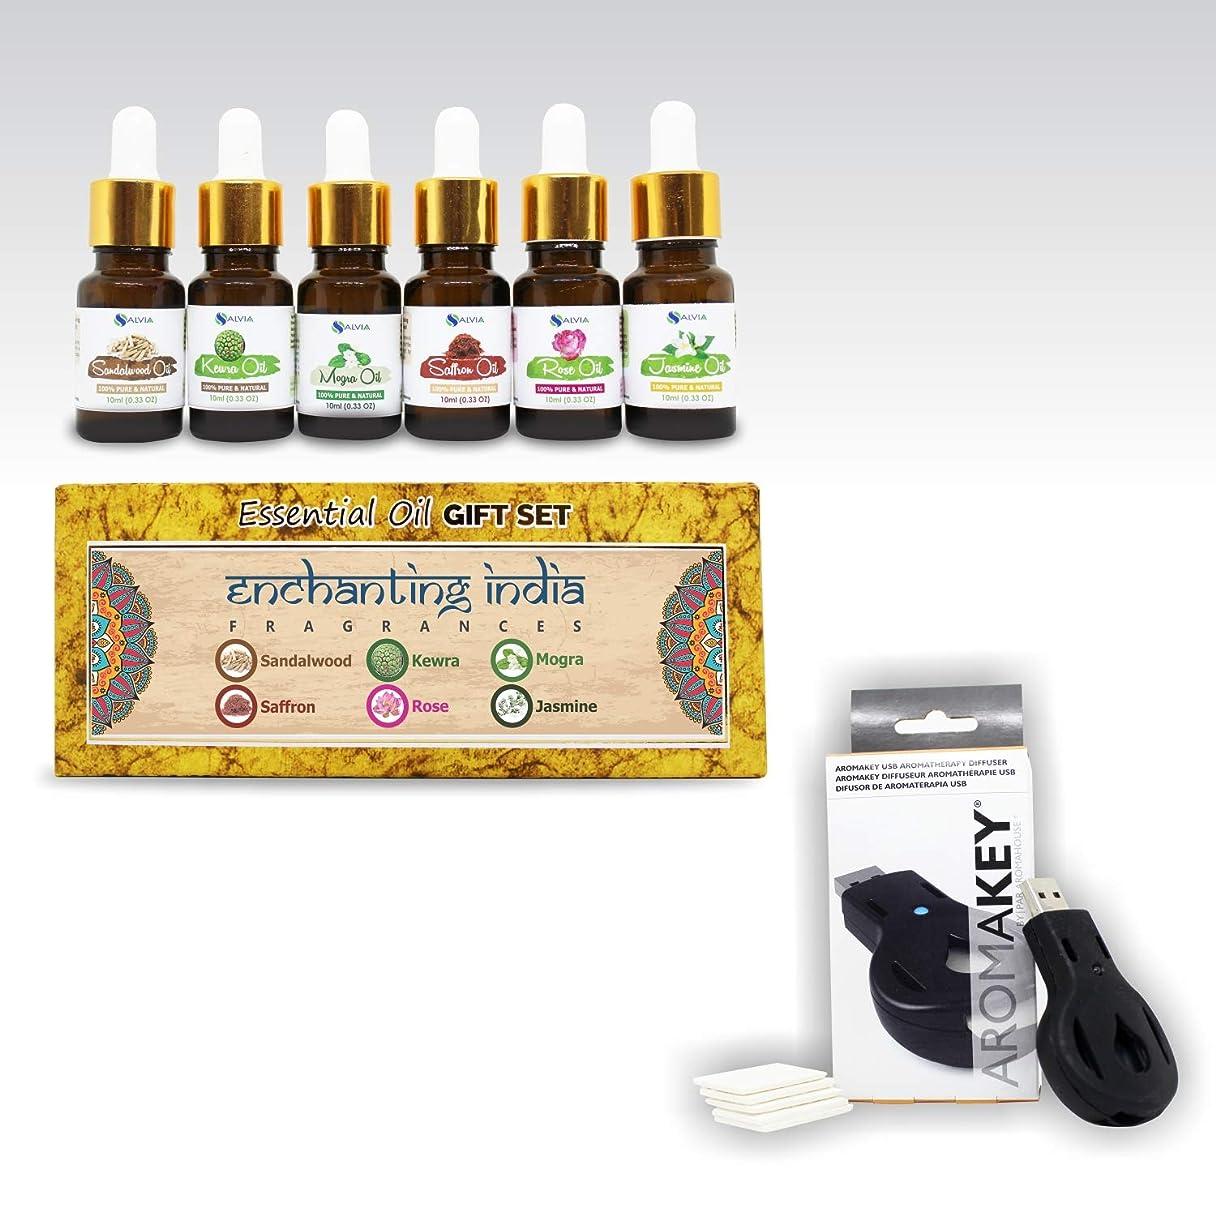 極貧拘束する調整するAromatherapy Essential Oils - Enchanting India (Pack of 6) 100% Pure & Natural Plus Aromakey USB Personal Diffuser, Humidifier, Air Freshener For Office, Car, etc